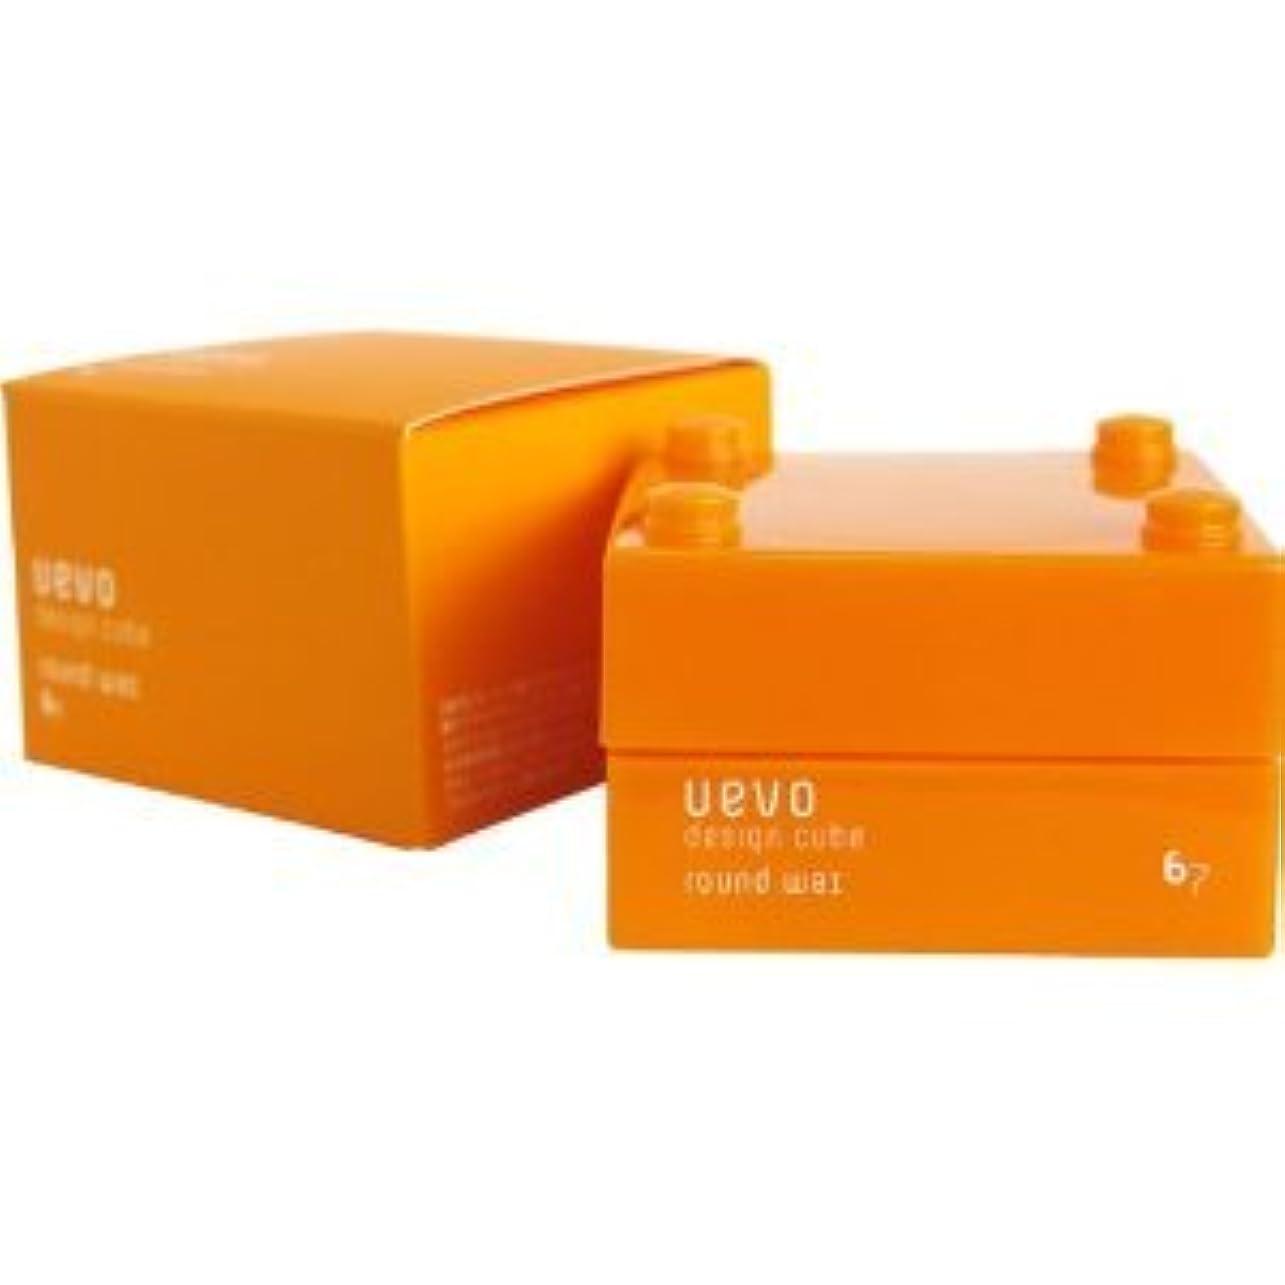 消化器海港バリケードデミ ウェーボ デザインキューブ ラウンドワックス 30g round wax DEMI uevo design cube